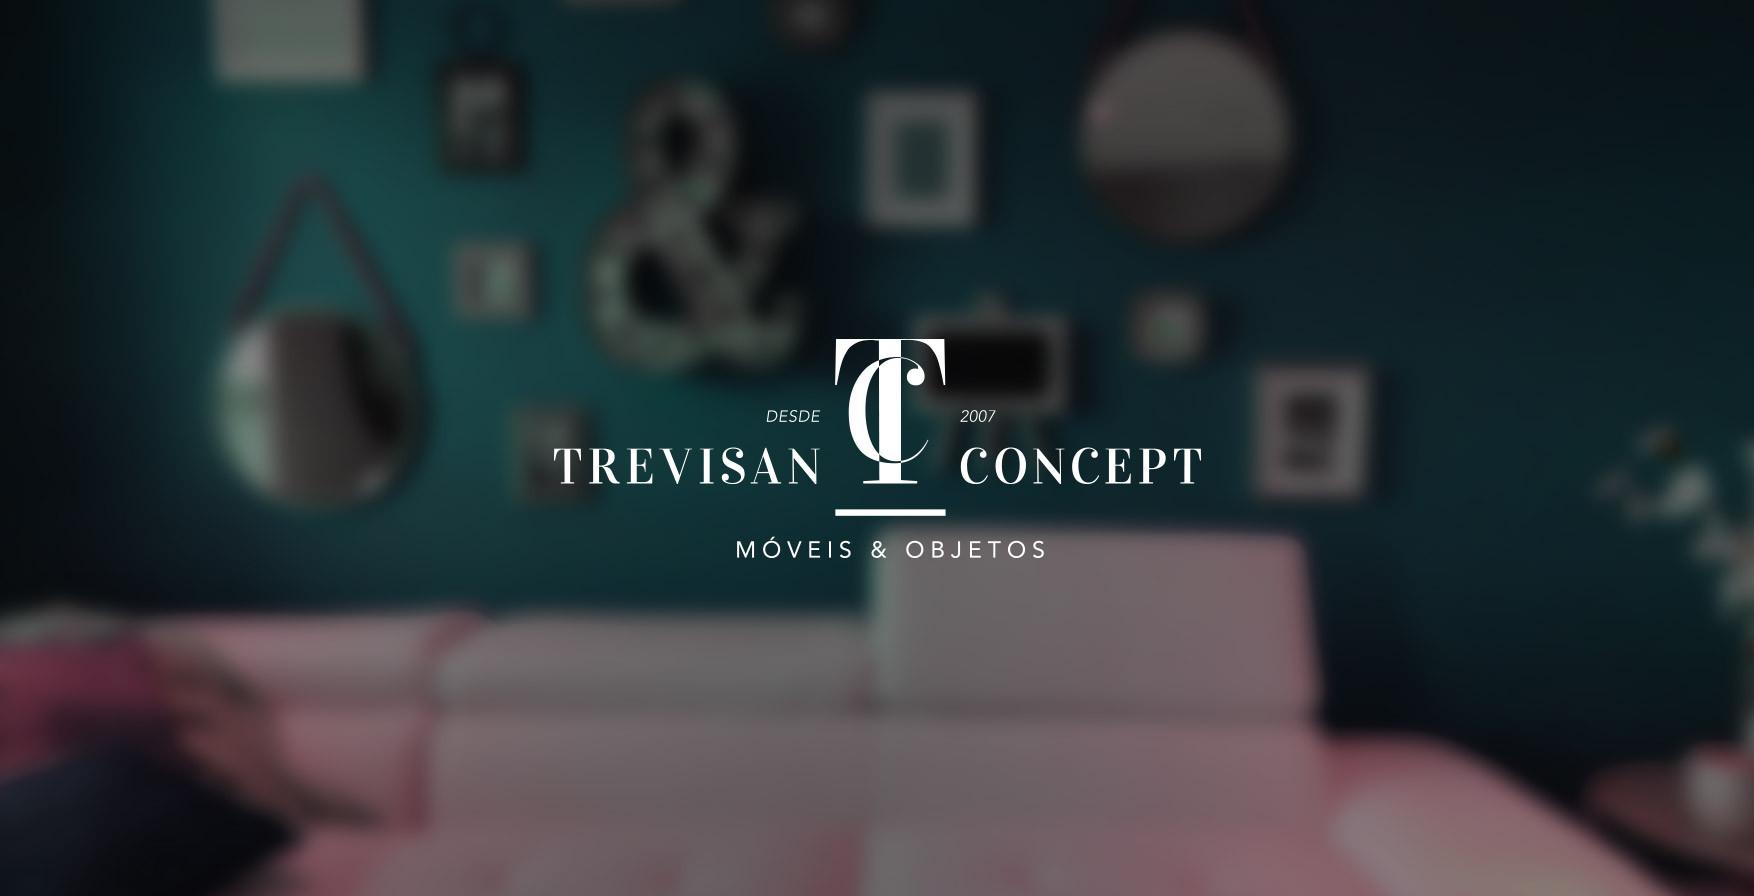 Logo Trevisan Concept